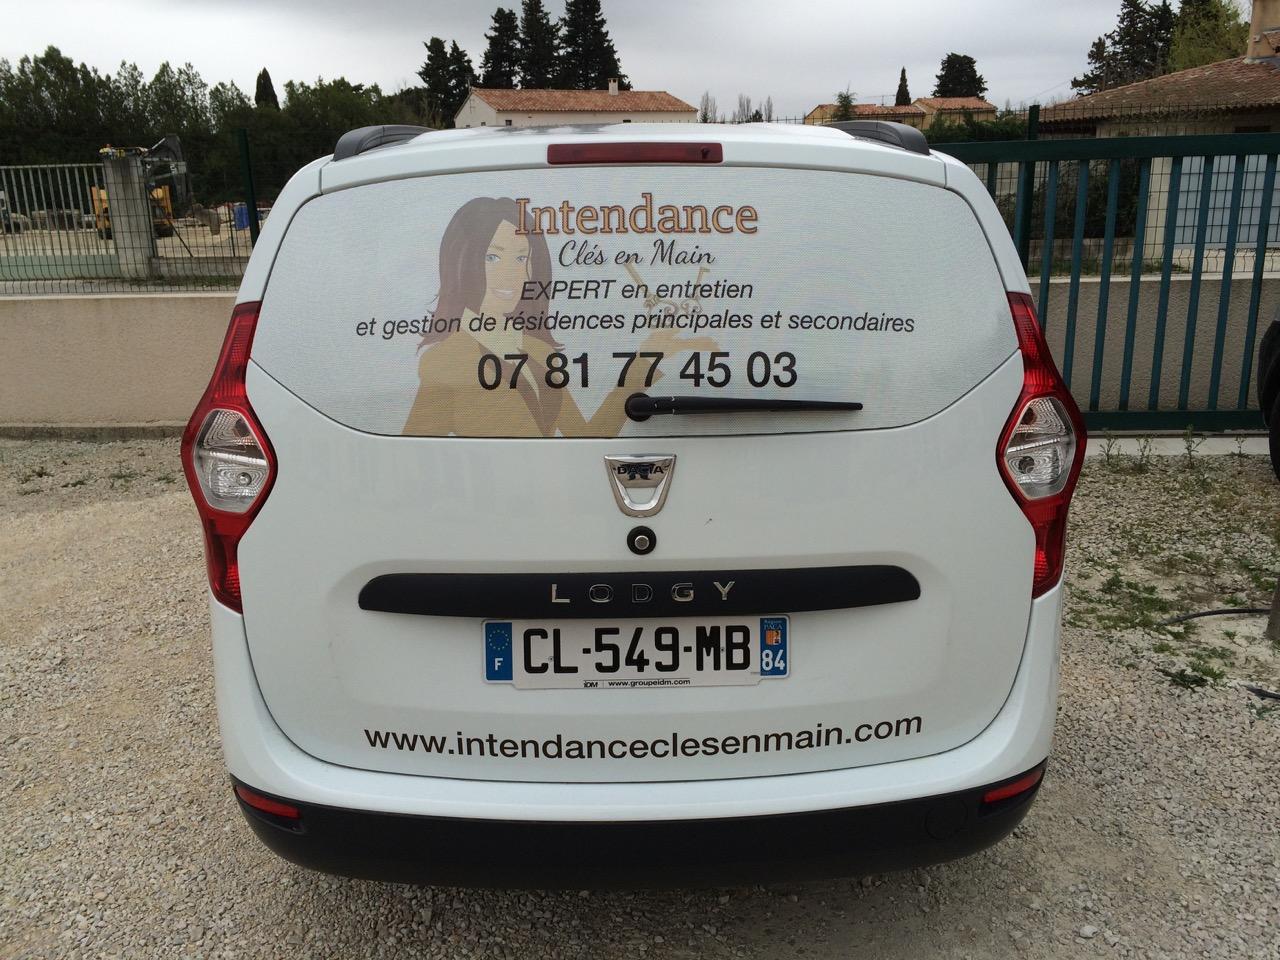 Décoration de véhicule par webbycom, agence de communication à L'Isle sur la Sorgue